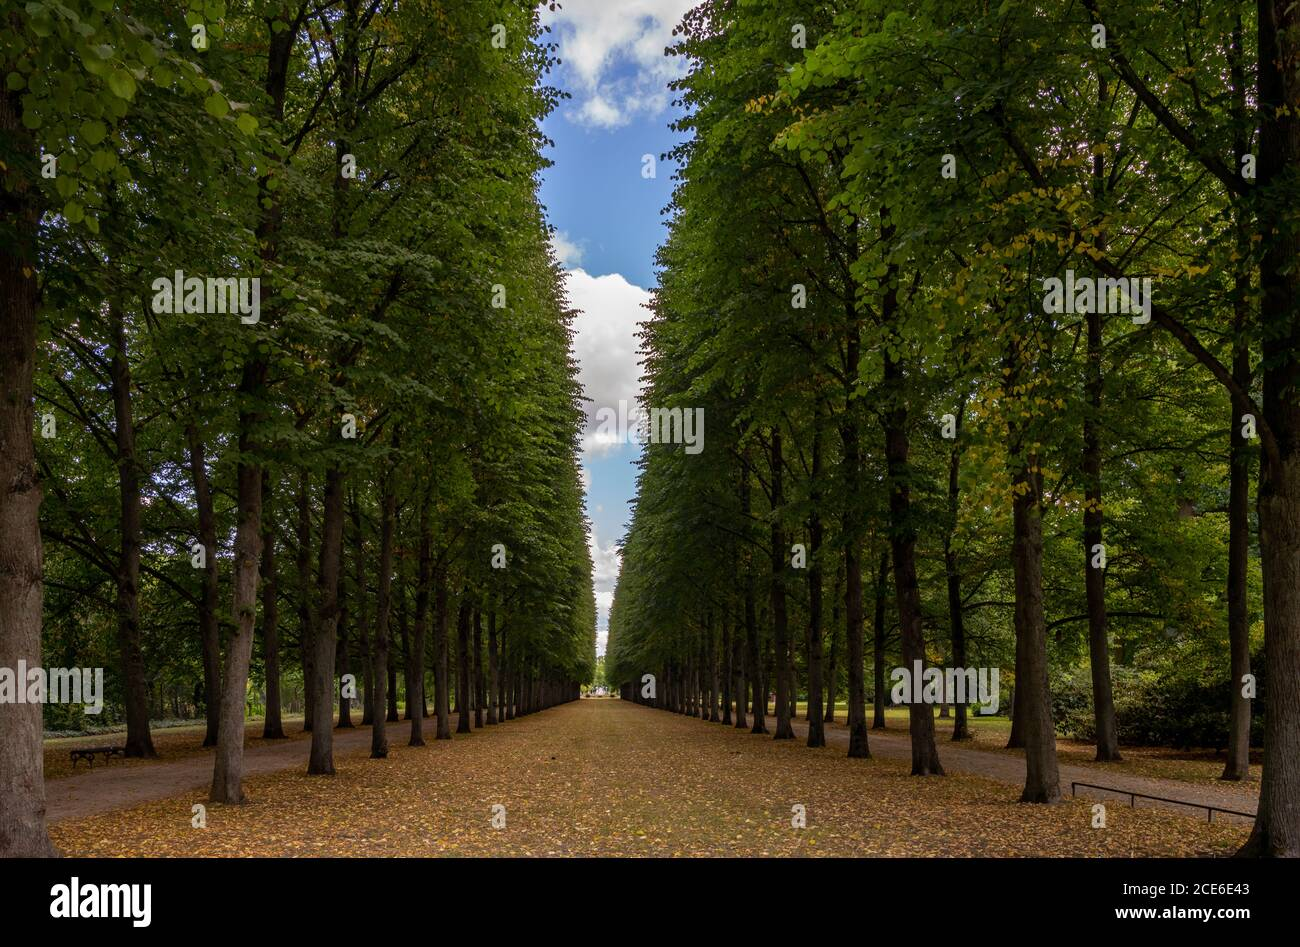 Un bel vicolo infinito di alberi alti conduce a. orizzonte Foto Stock